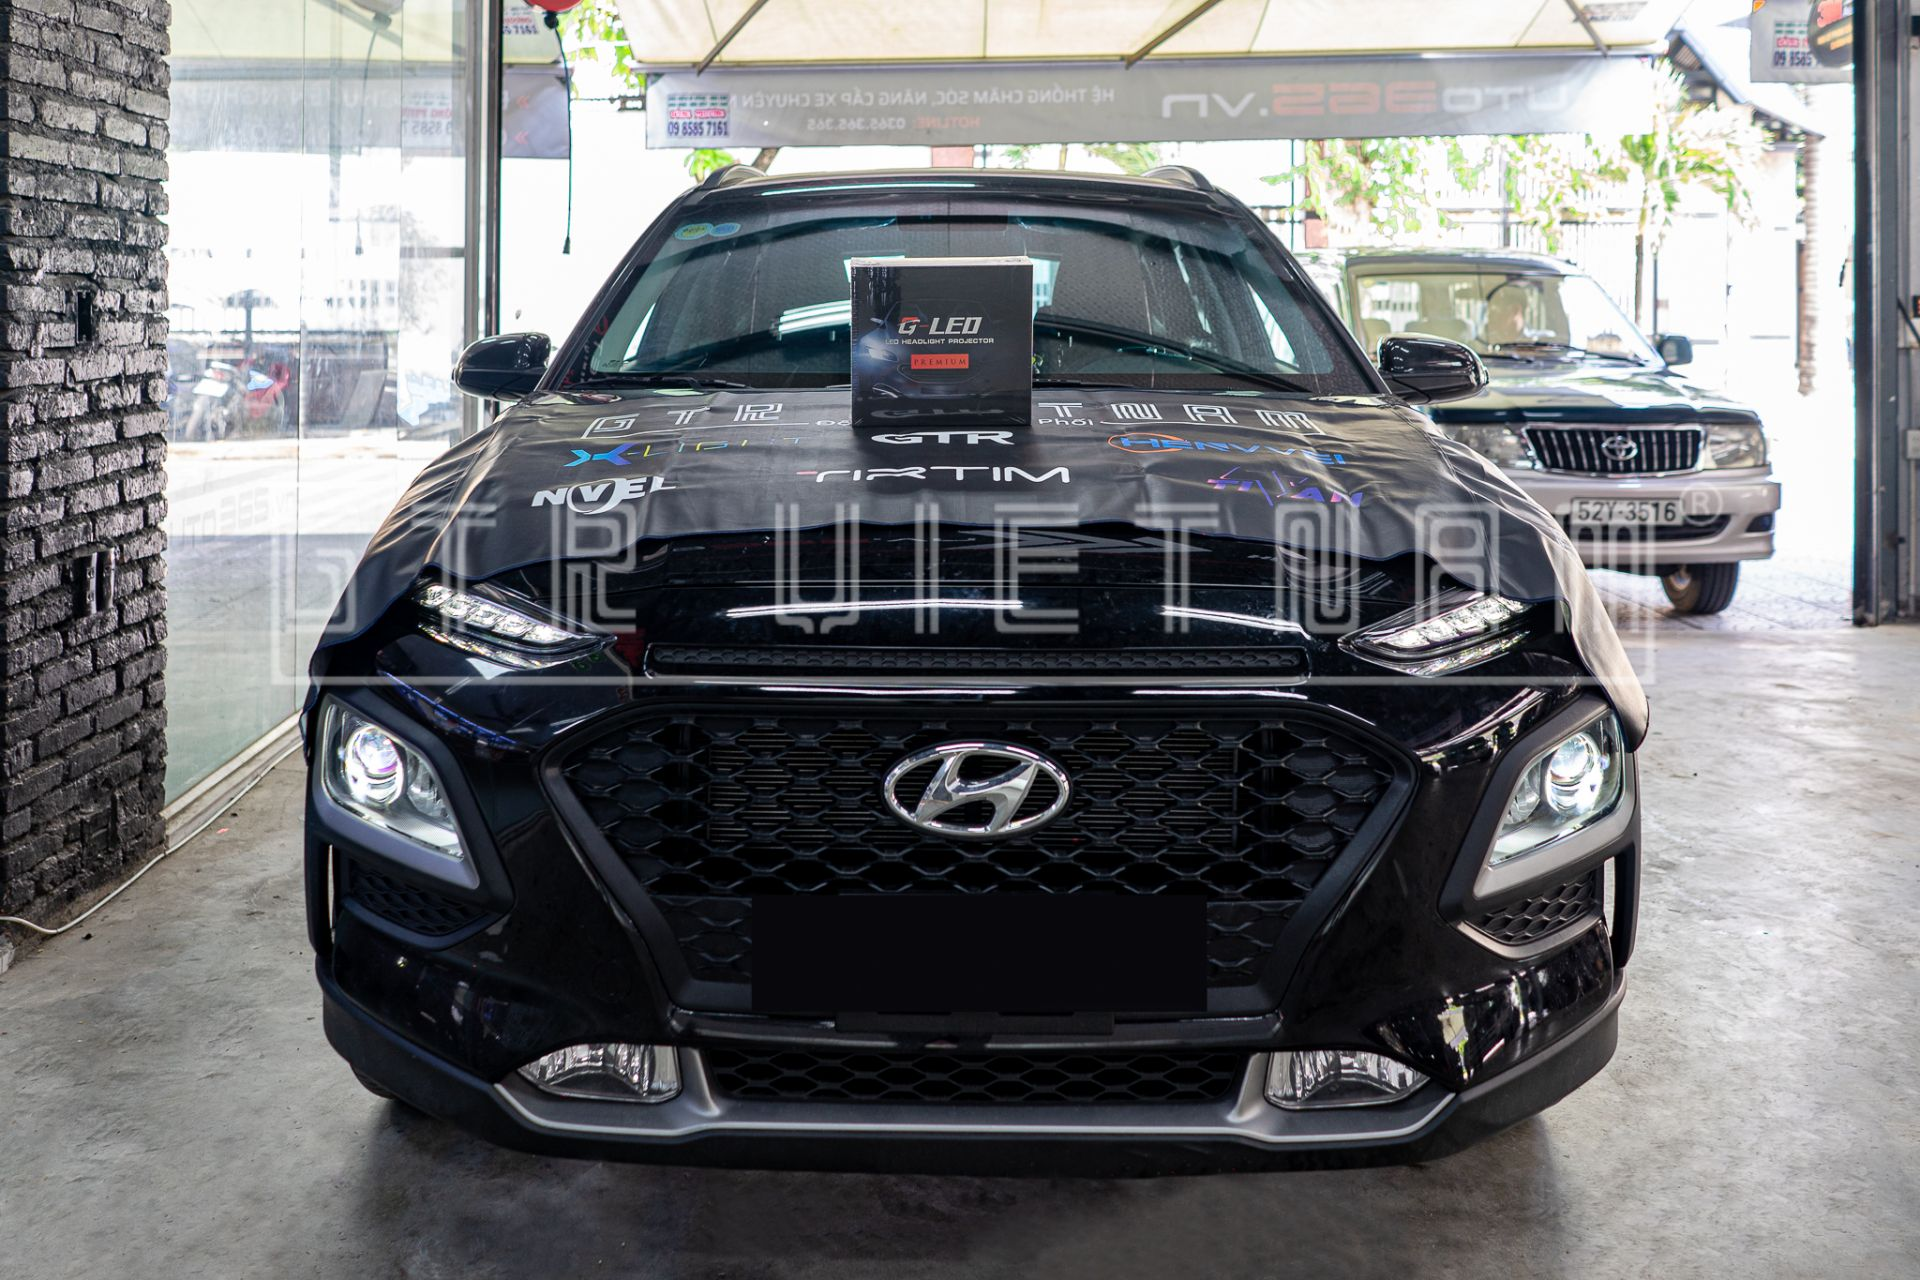 Tăng sáng cho Hyundai Kona với GTR G-led Premium